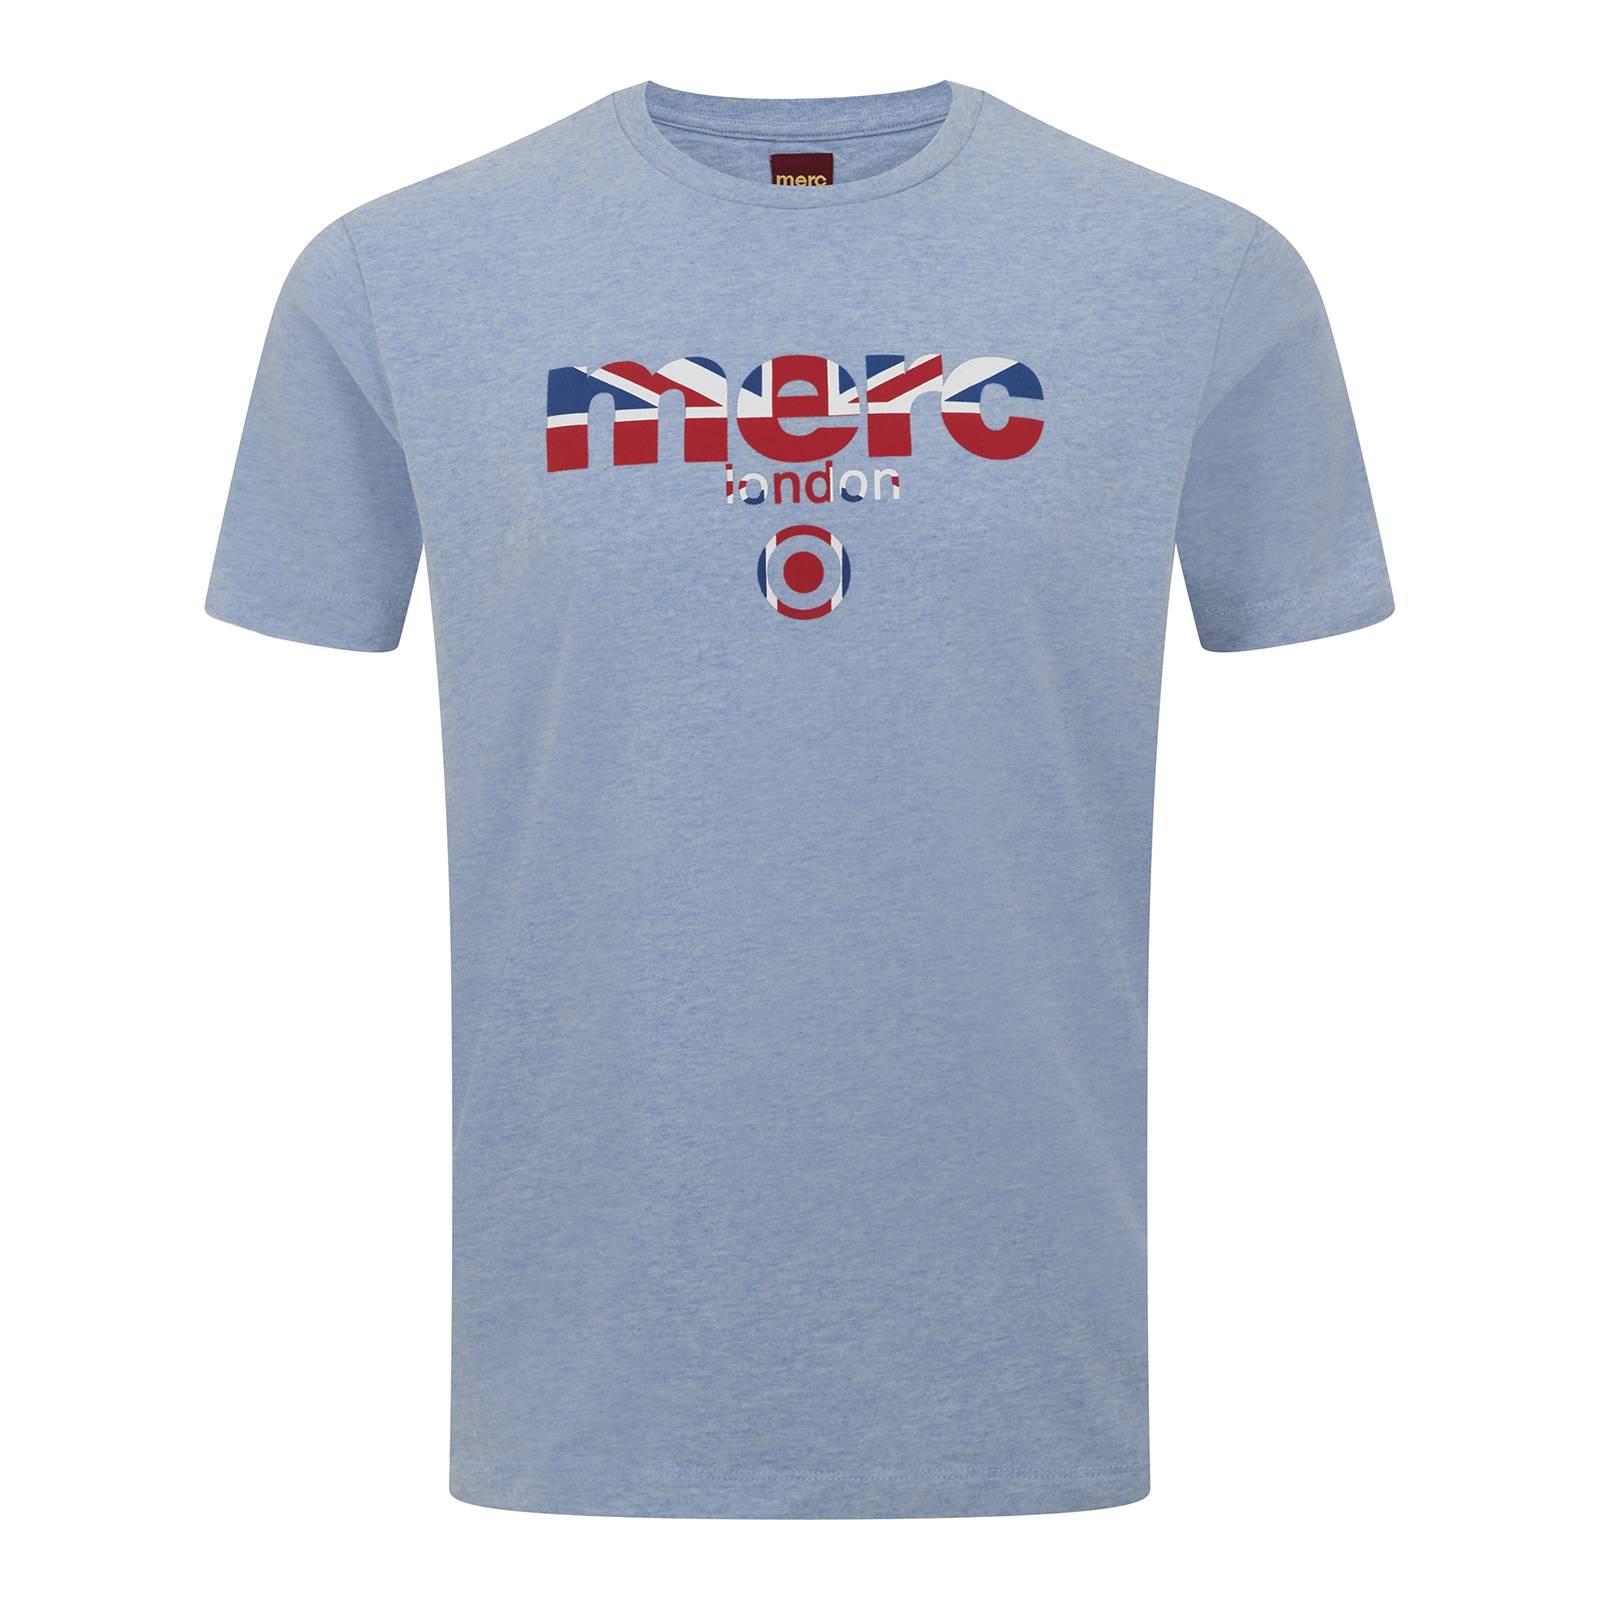 Футболка BroadwellCORE<br>Яркая футболка всесезонной базовой линии Core с классическим логотипом Merc, украшенным с помощью Юнион Джека. Высокое качество нанесения принта исключает его облезание в результате стирок. Трехцветный Британский флаг позволяет легко комбинировать эту футболку со множеством вариантов джинсов, шорт, обуви и брюк в различных цветовых решениях. Отлично сочетается с олимпийками, кардиганами и верхней одеждой. Произведена в Европейском Союзе.<br><br>Артикул: 1709210<br>Материал: 100% хлопок<br>Цвет: небесный<br>Пол: Мужской